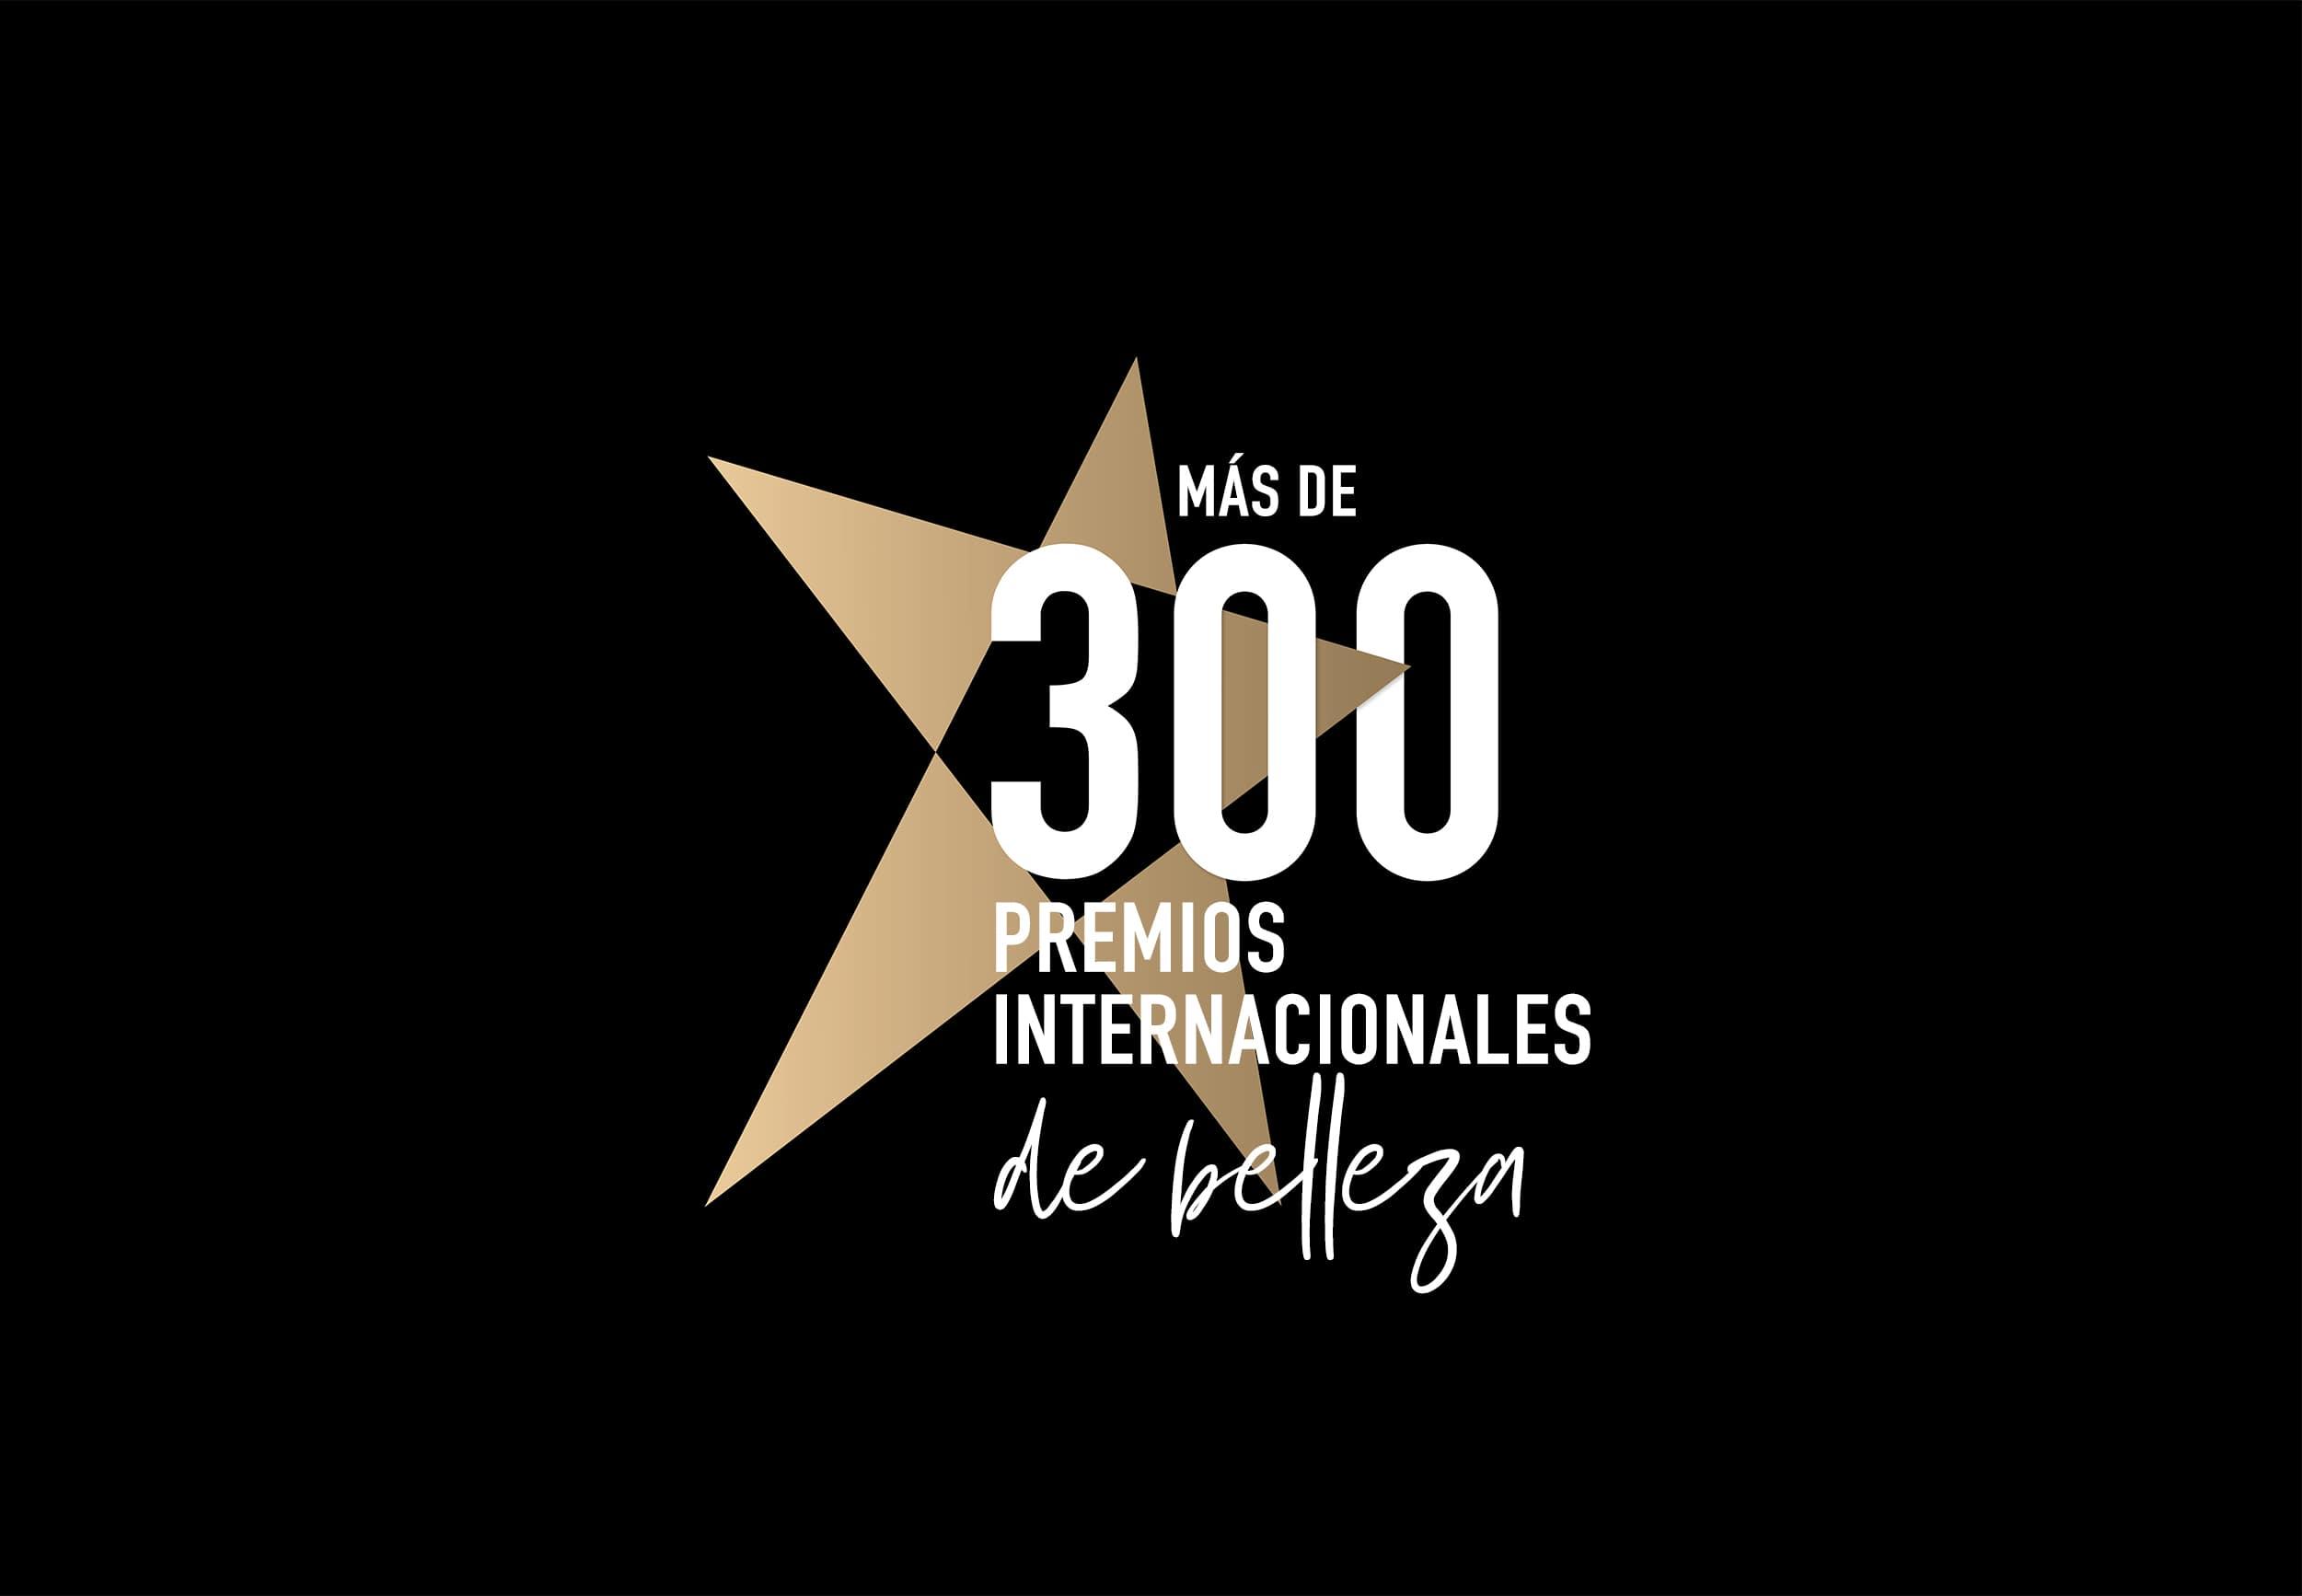 Más de 300 premios de belleza